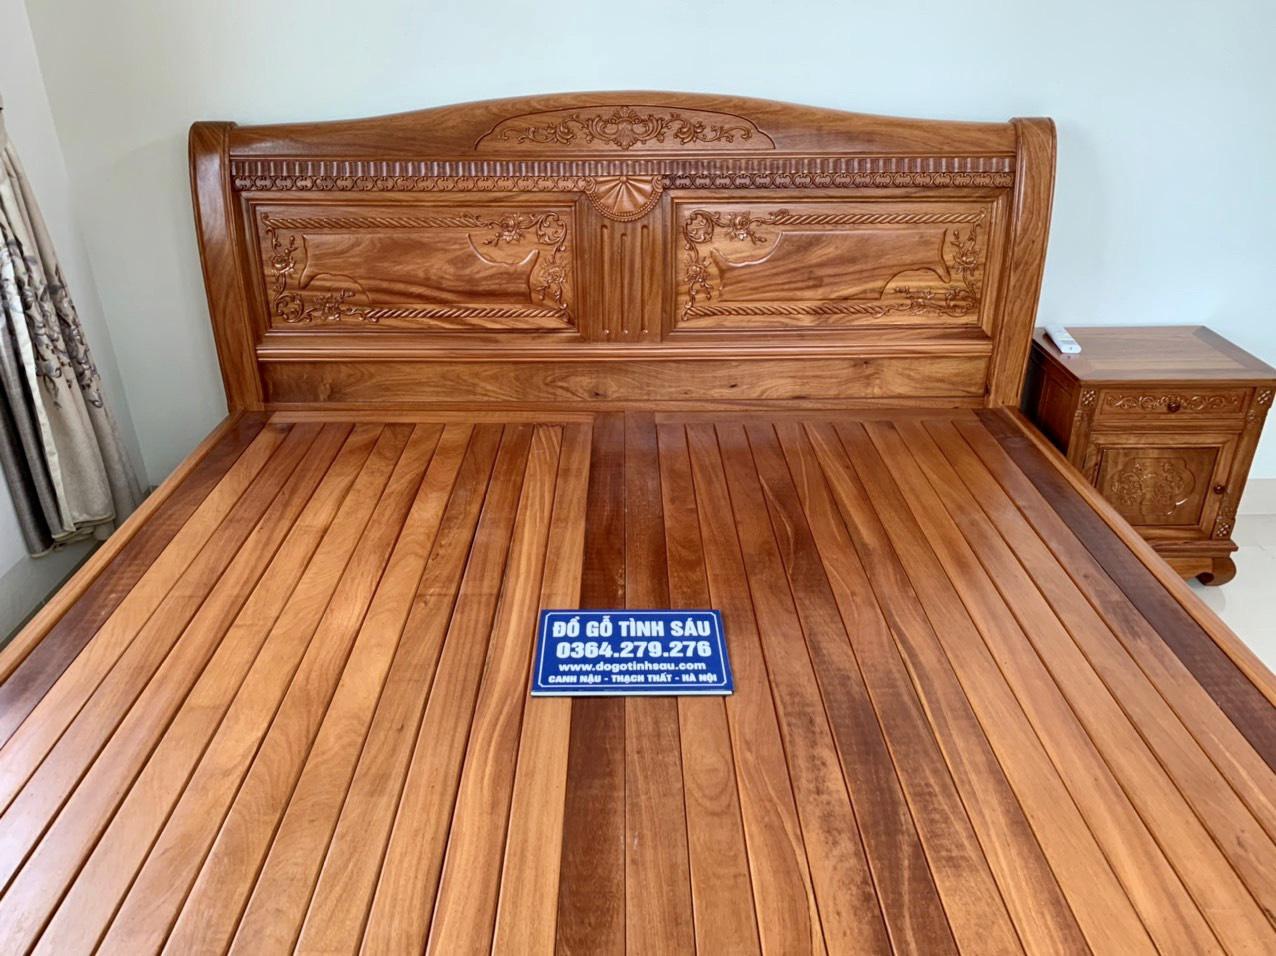 giuong ngu chu x go go do - Giường ngủ gỗ gõ đỏ mẫu chữ X kích thước 2m x 2m2